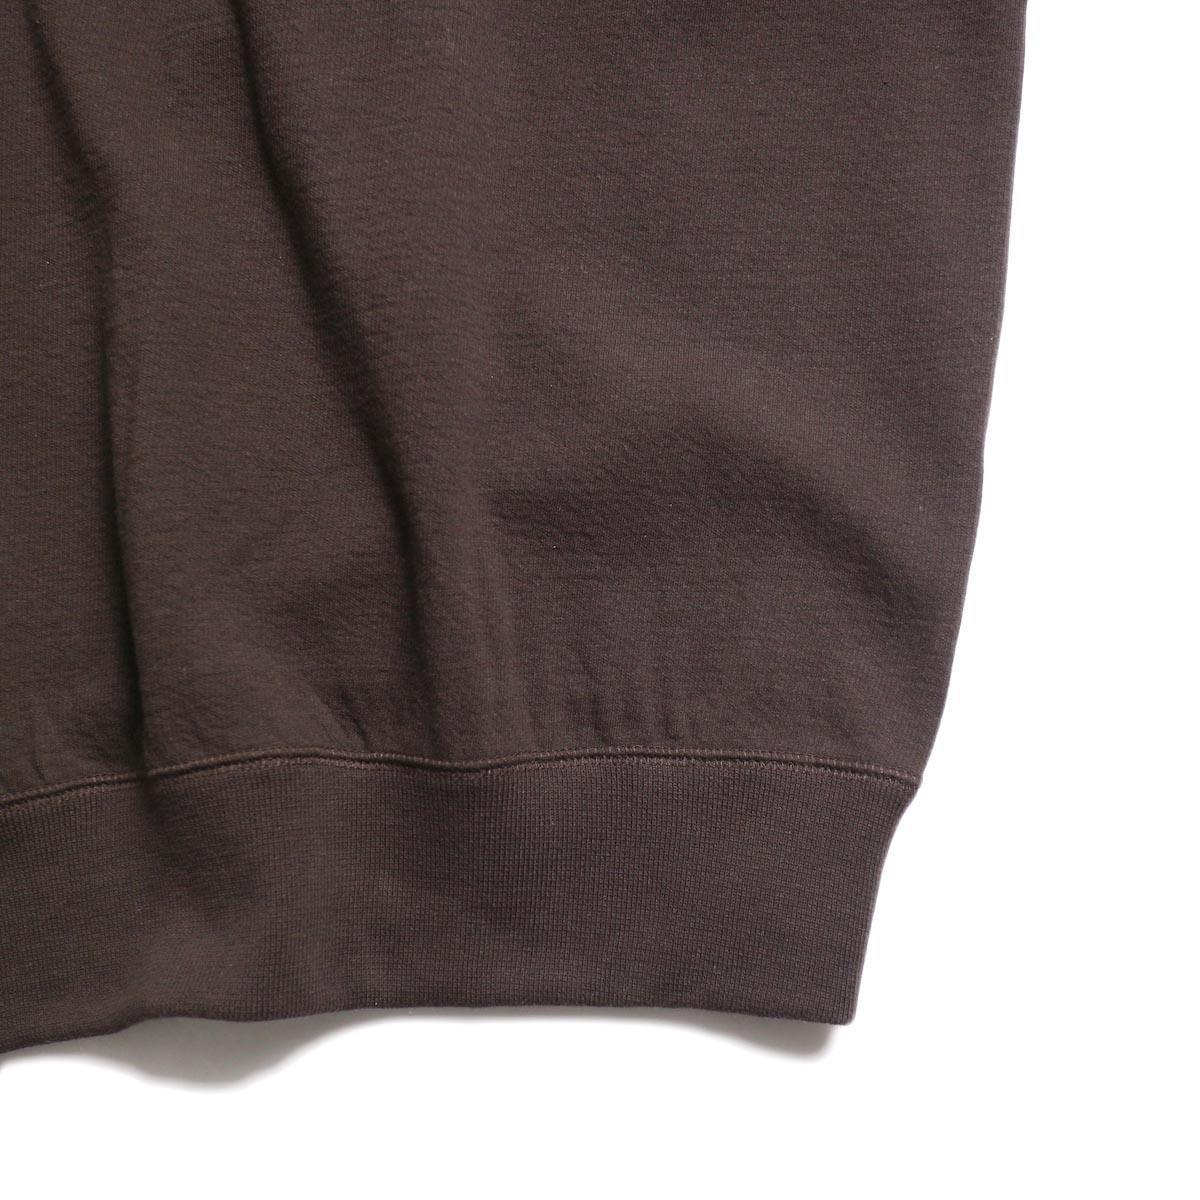 archi / Vanda Tops -Brown 裾